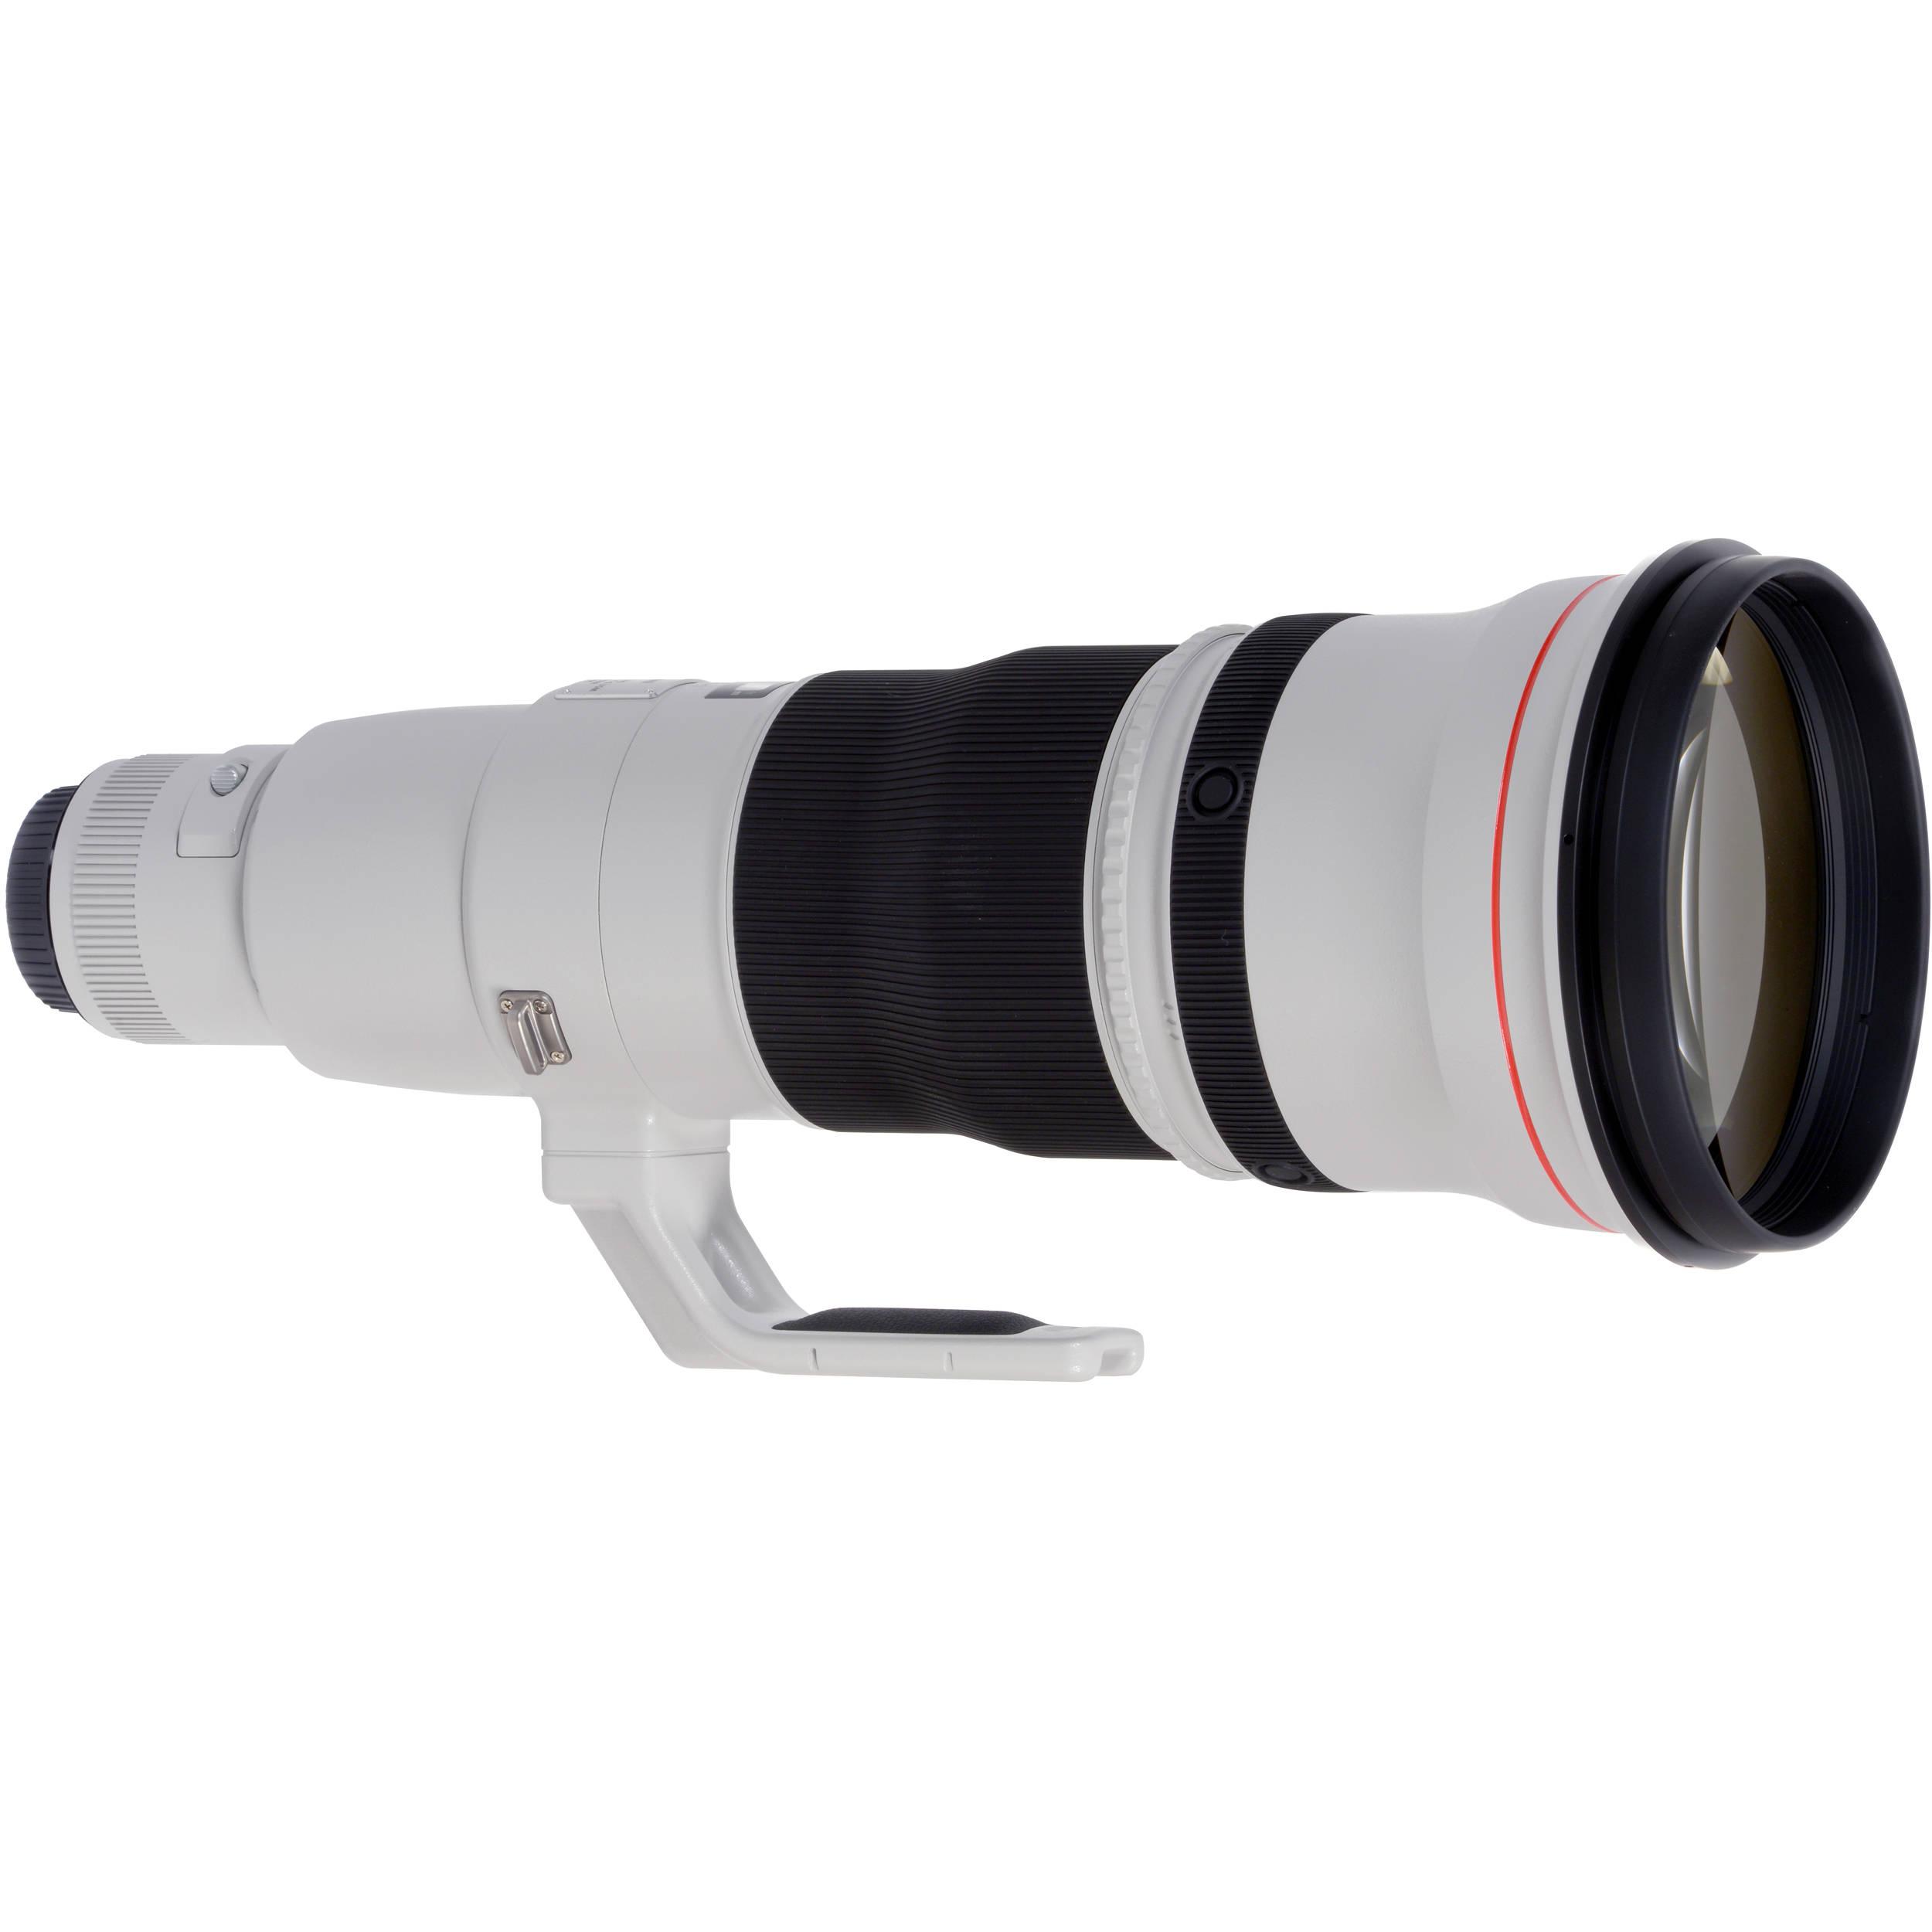 e48e00f313c8 Canon EF 600mm f 4L IS II USM Lens 5125B002 B H Photo Video